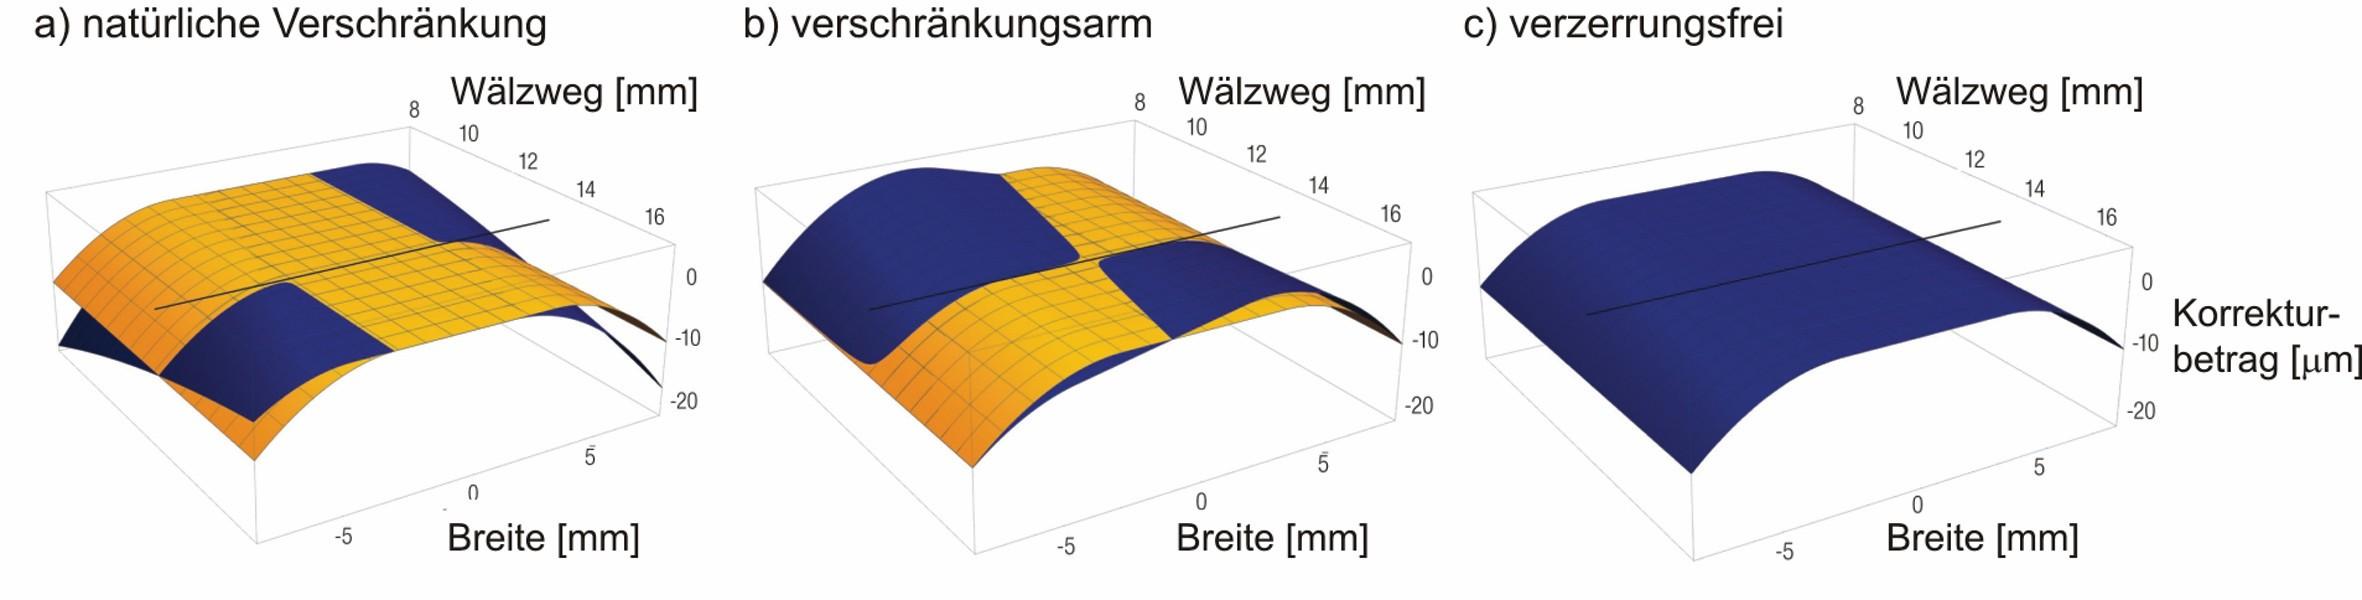 Bild 4 Schleifergebnisse unter Verwendung verschiedener Verfahren am Beispiel einer beidseitigen Endrücknahme; gelb die Vorgabe, blau das Schleifergebnis; a) mit natürlicher Verschränkung, b) verschränkungsarm nach [12], c) verzerrungsfrei nach [14]. Bild: Verfasser